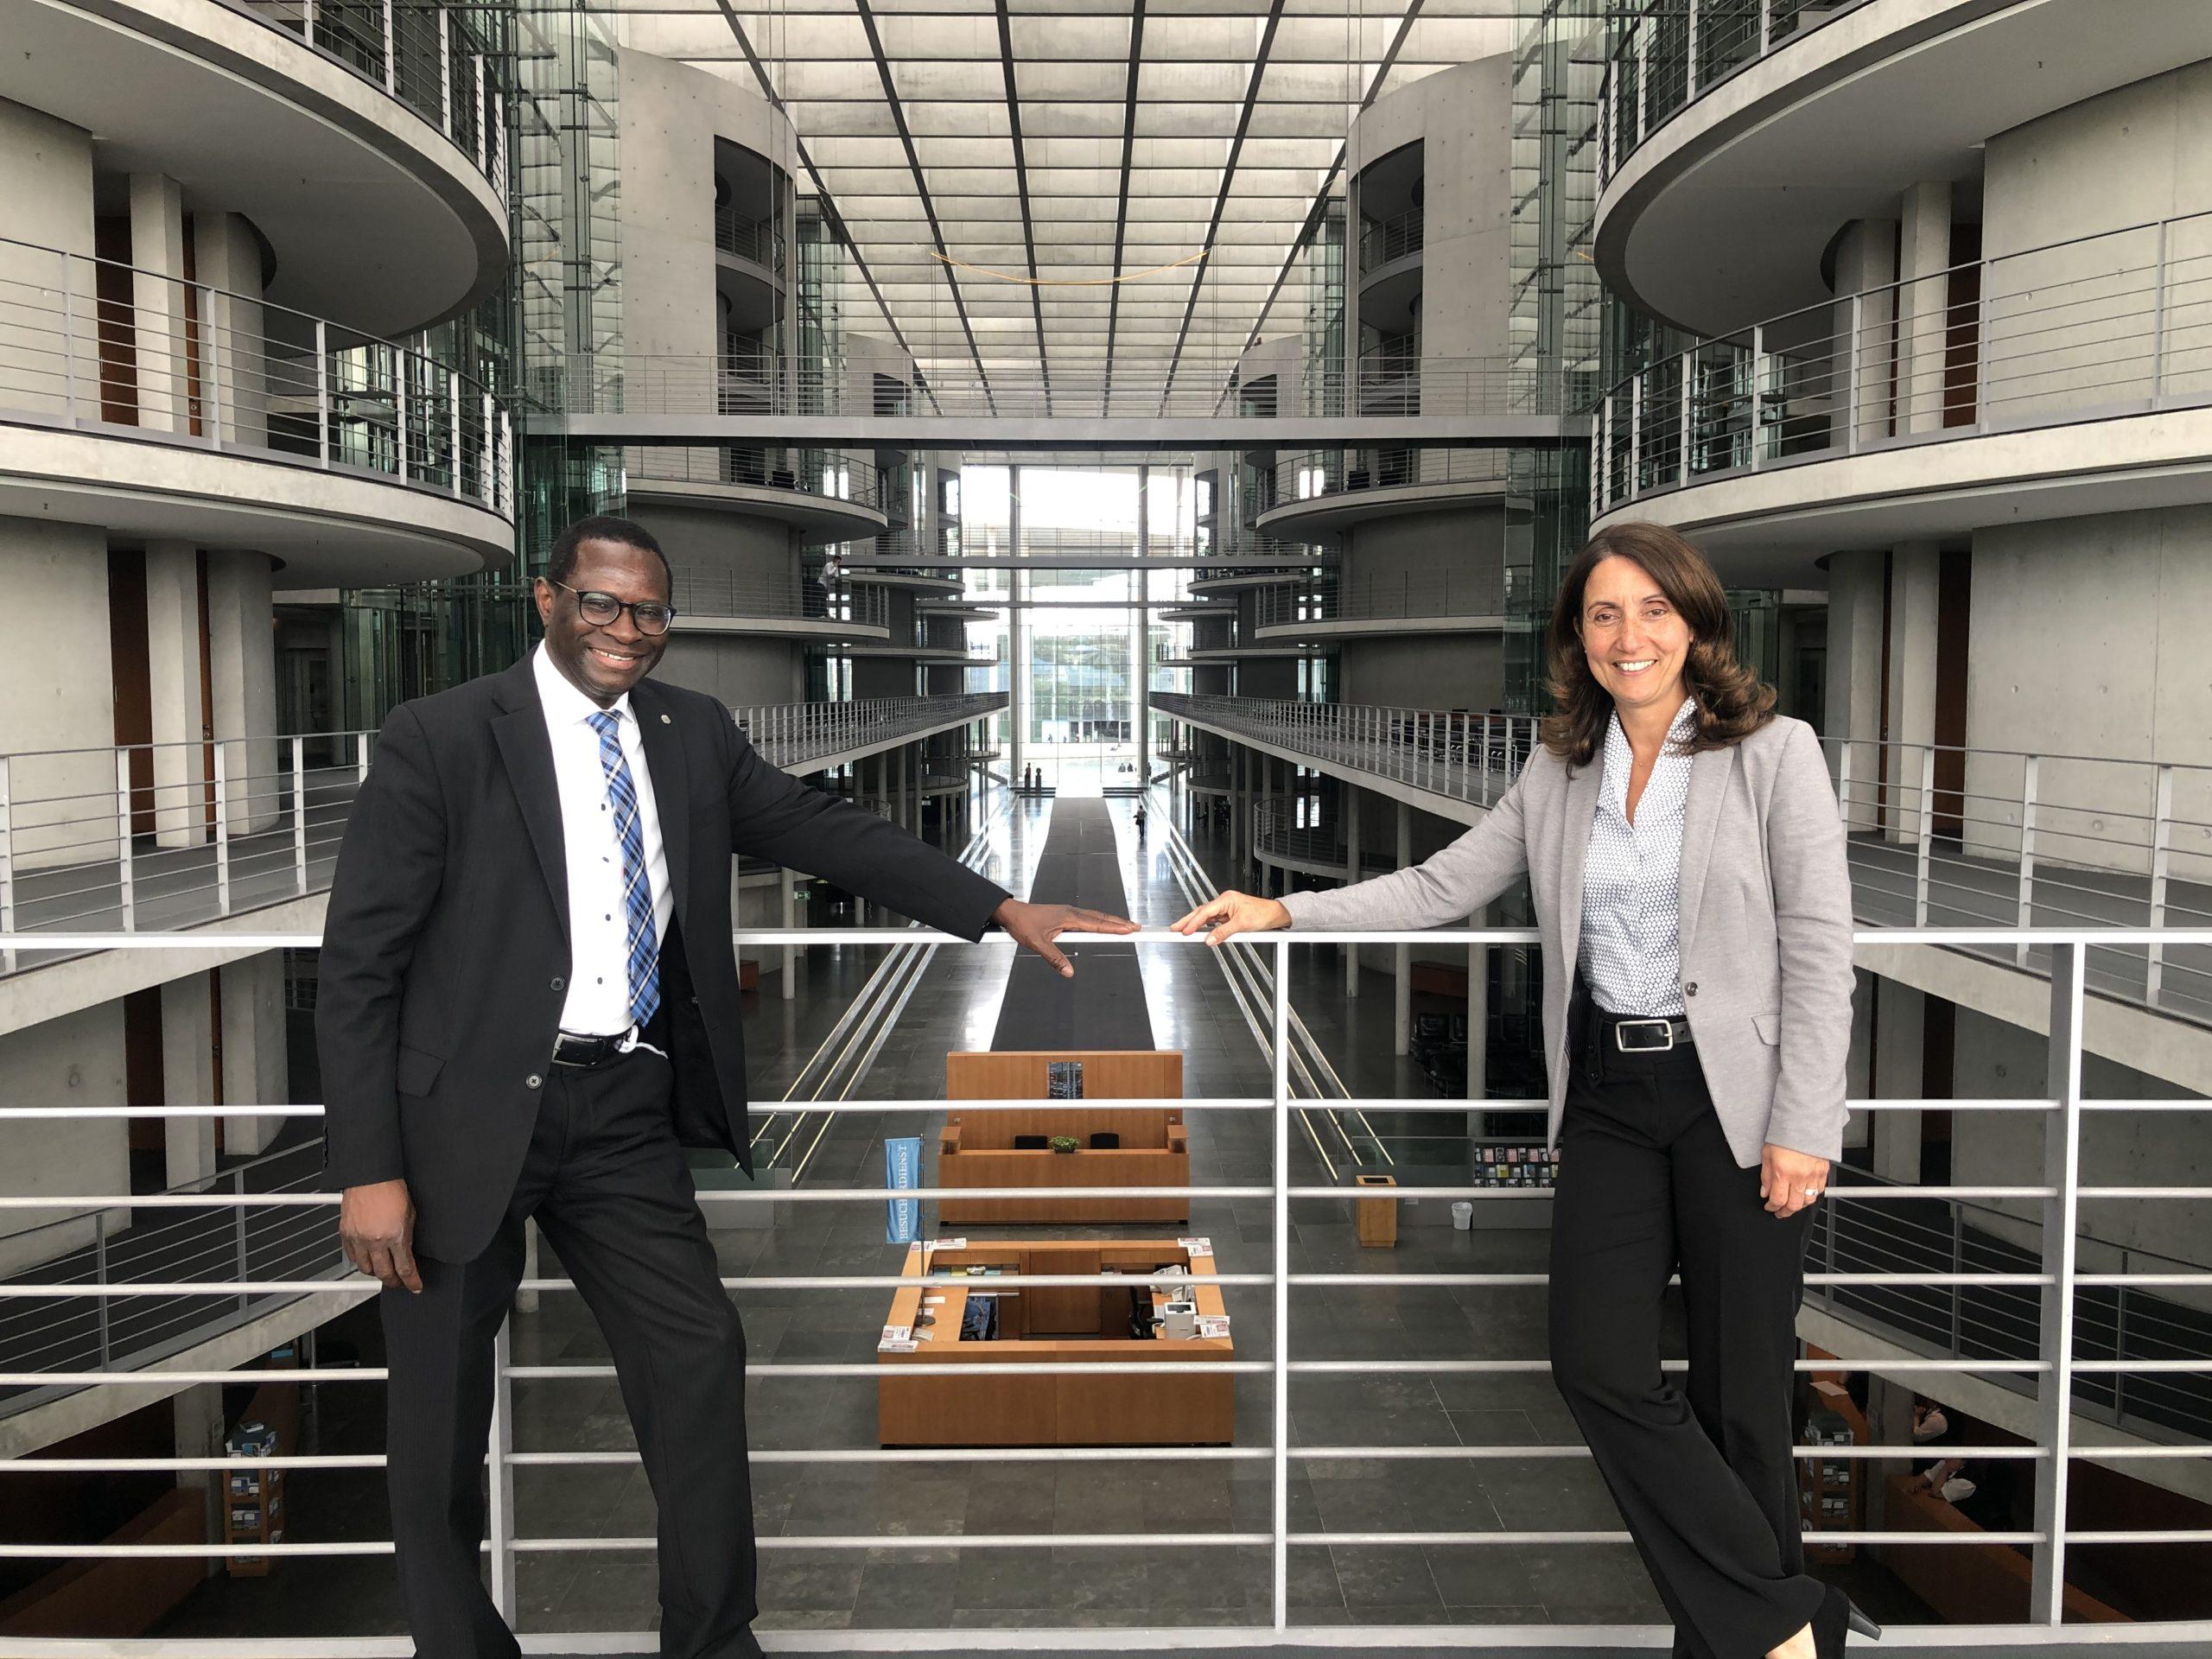 Vom Senegal in den Bundestag – Eine digitale Lesung mit Dr. Karamba Diaby MdB